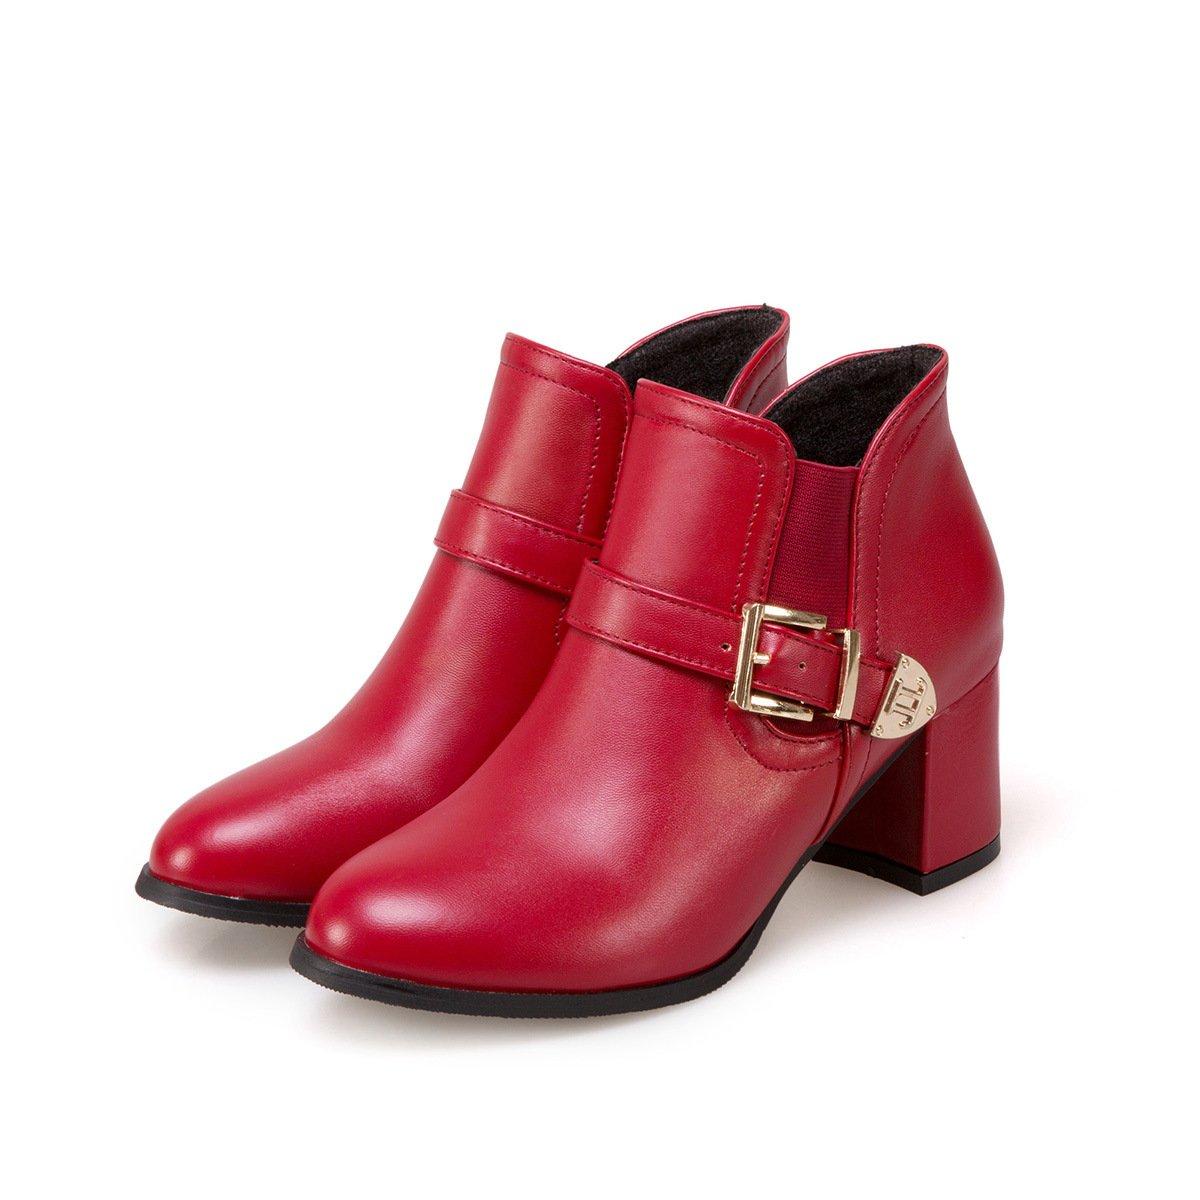 QIN&X Les talons talon bloc court à tête ronde Boots Shoes,rouge,47